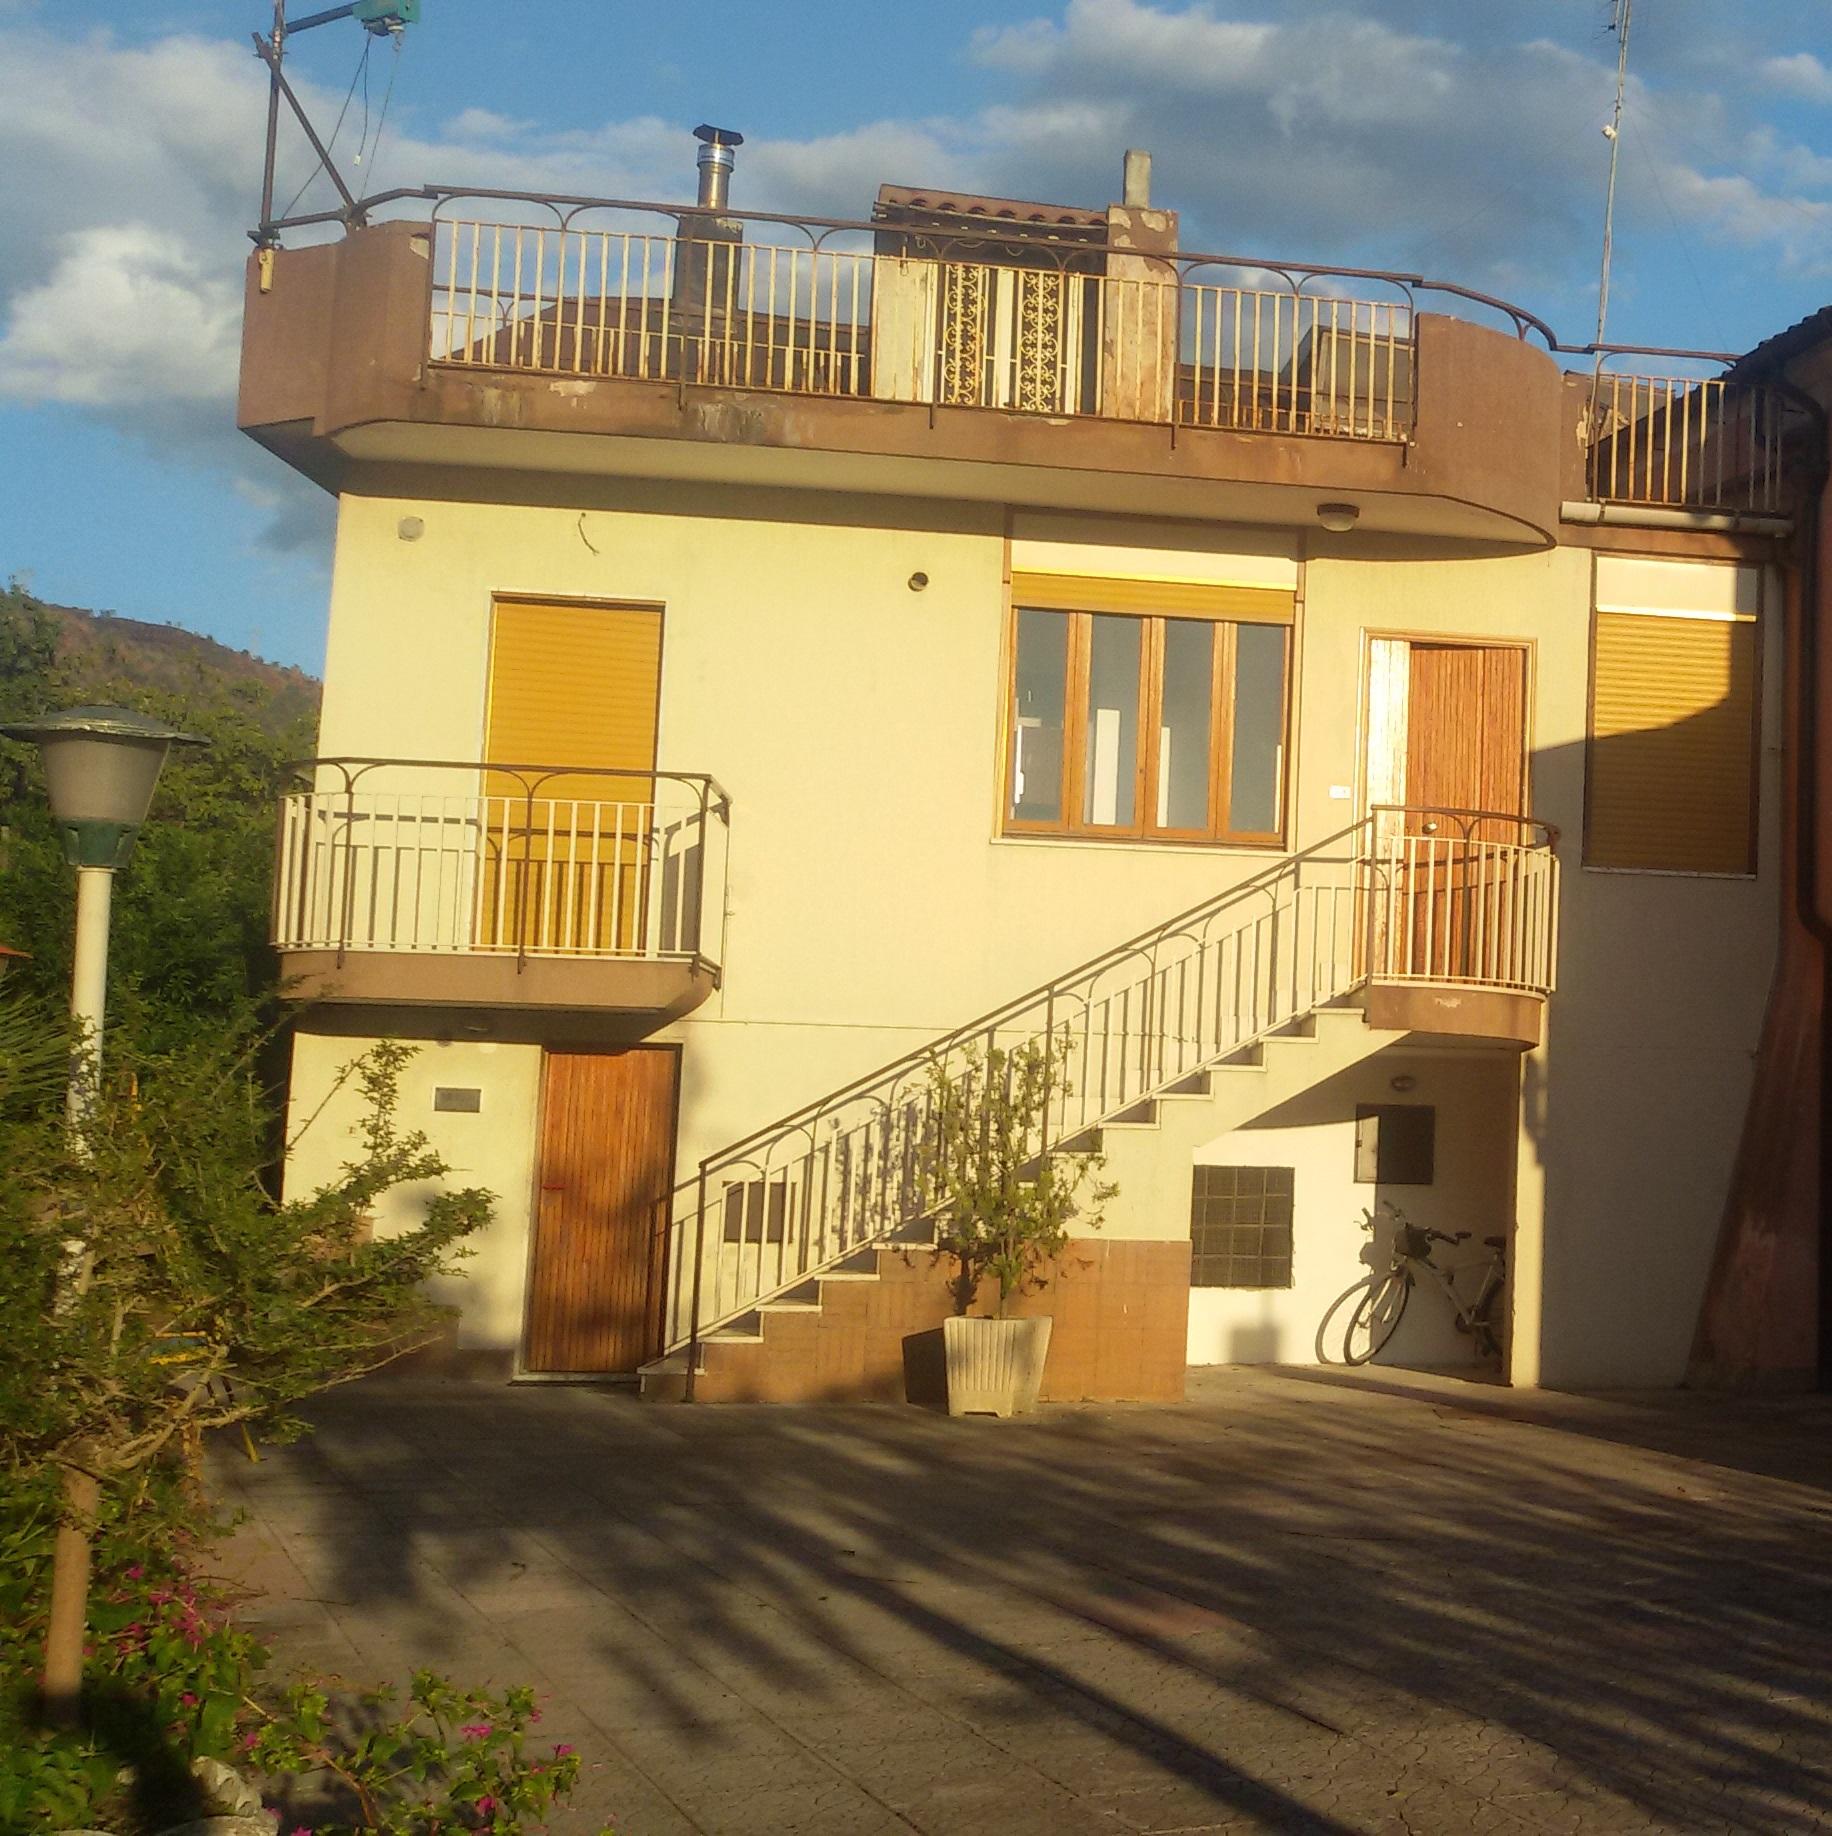 Villa in vendita a Fisciano, 4 locali, zona Zona: Lancusi, prezzo € 175.000 | CambioCasa.it